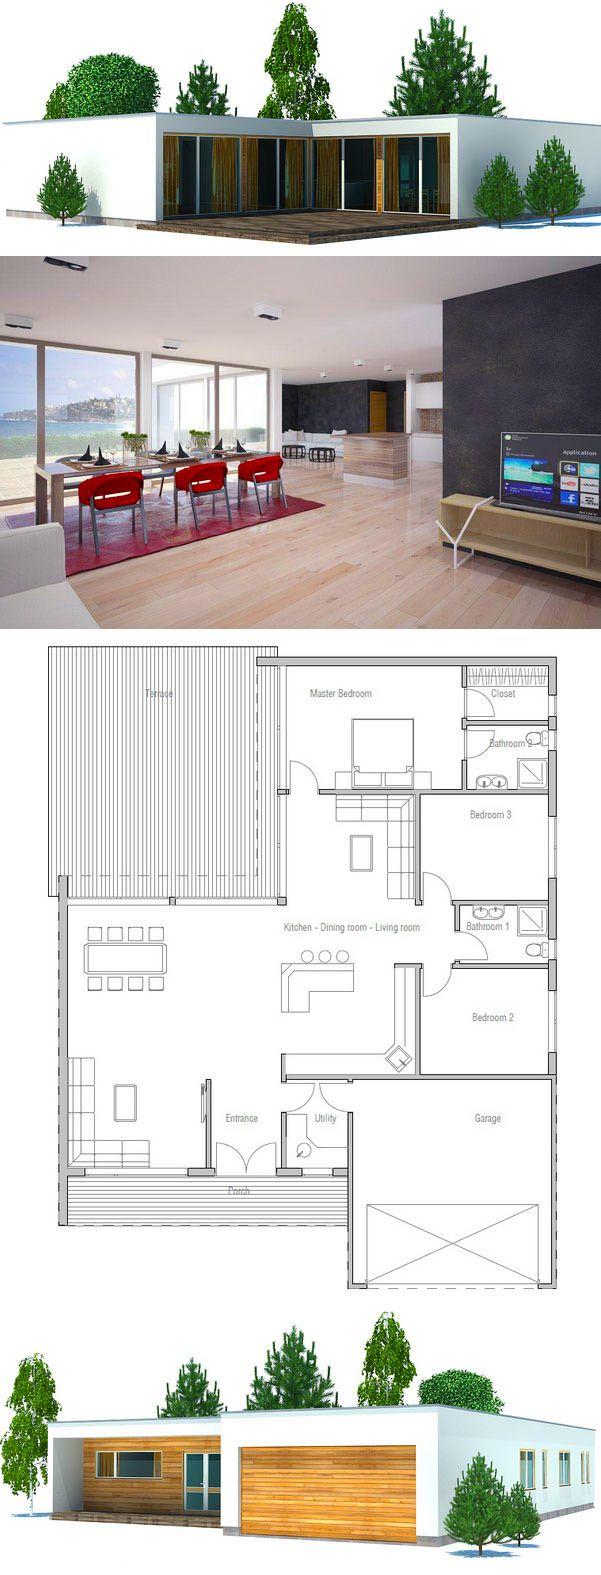 Grundrisse hausbau wohnen strandhaus pläne modernes haus pläne kleines haus pläne moderne häuser kleine häuser einfache grundrisse